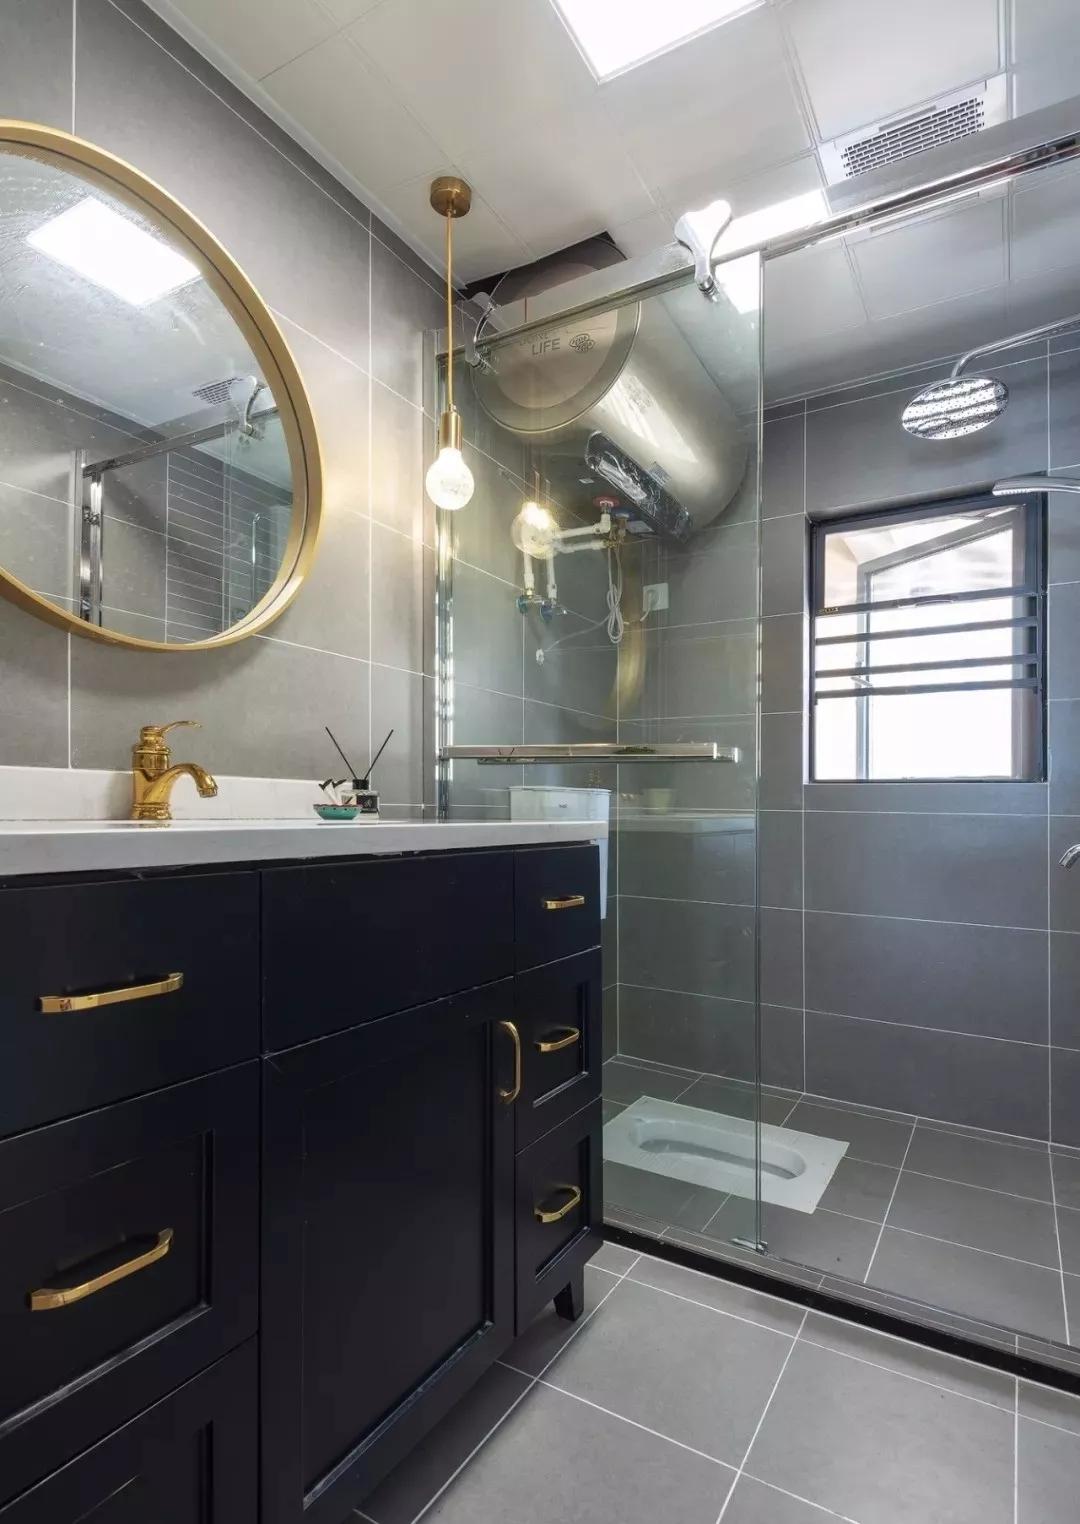 卫生间以玻璃淋浴房做到干湿分离,整个空间以灰色为主调,橱柜采用深蓝色,金色元素点缀其中。